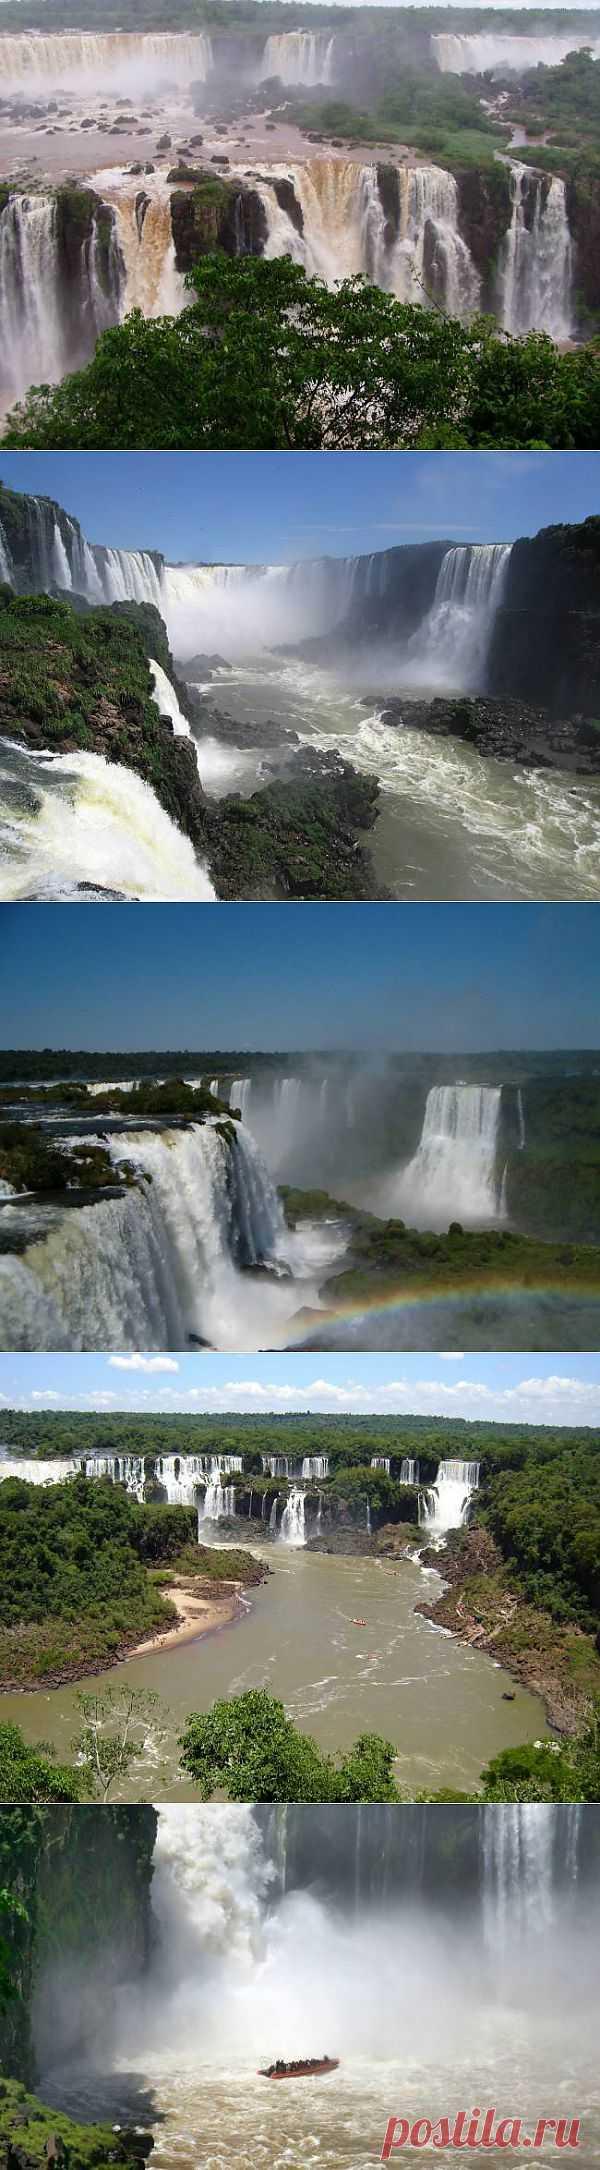 """Удивительные водопады Игуасу - 22 Сентября 2013 - """"Secret worlds"""""""